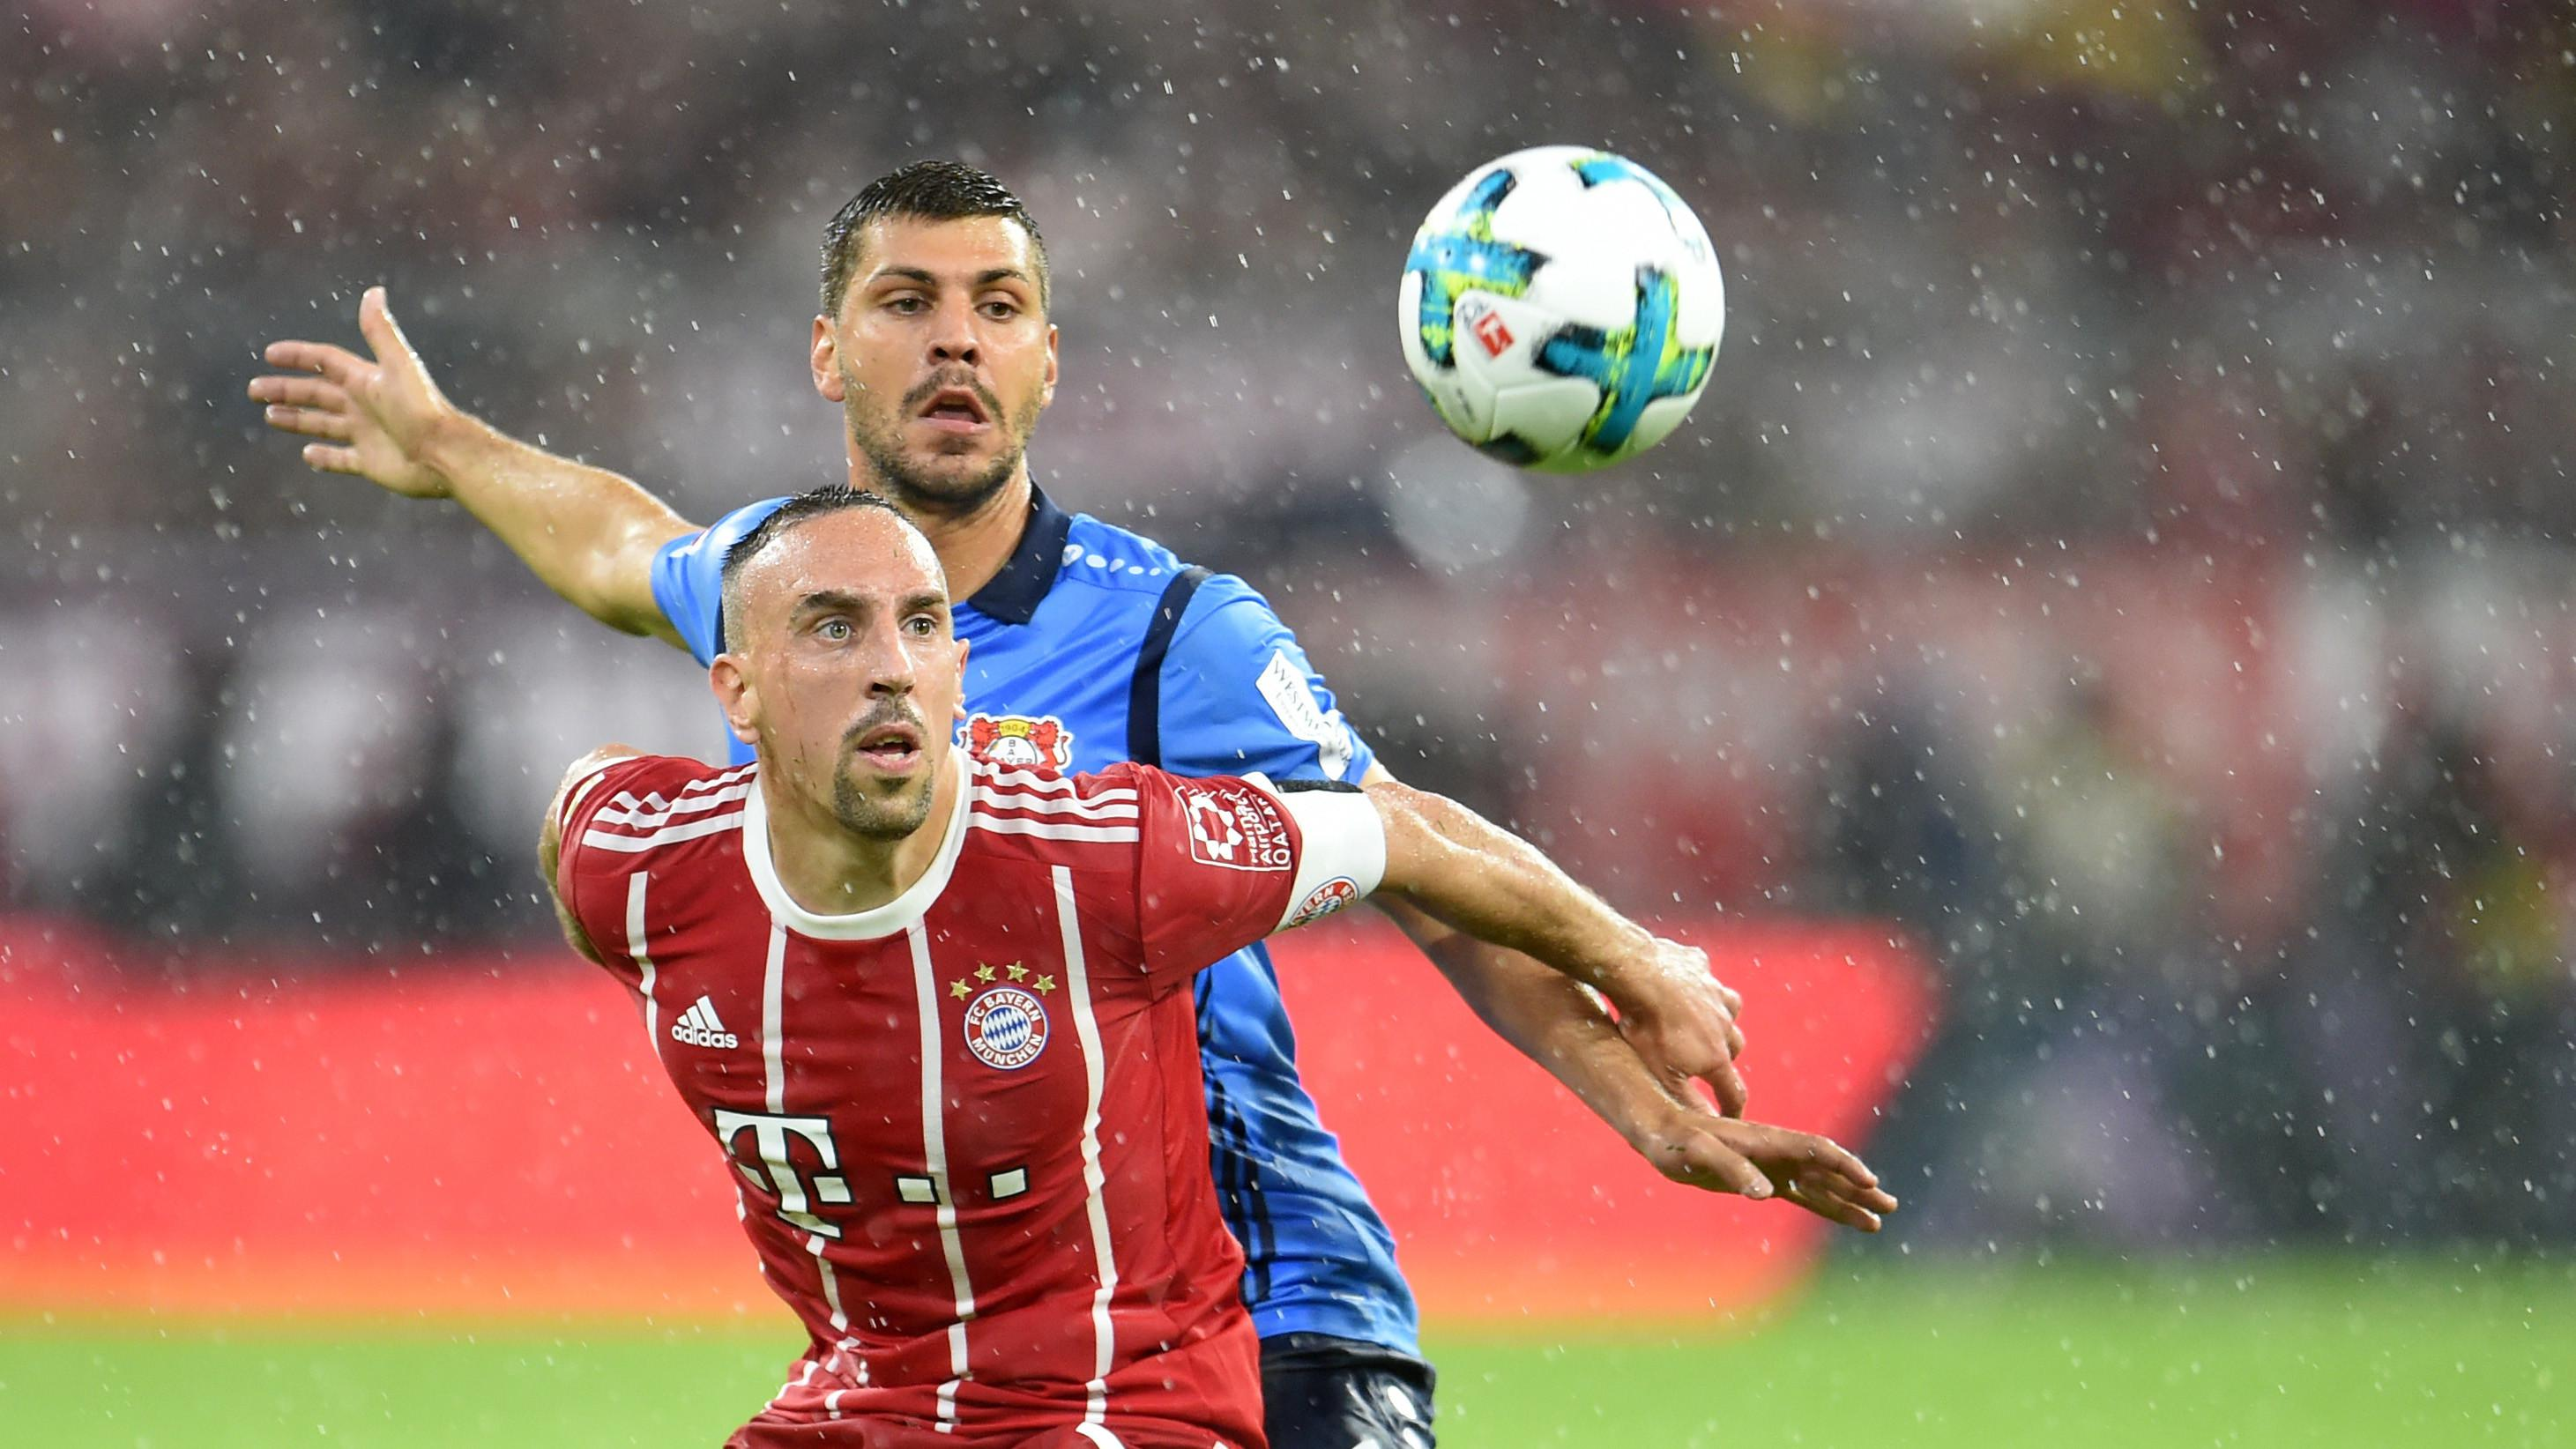 Aksi pemain Bayern Munchen, Franck Ribery berebut bola dengan pemain Leverkusen, Aleksandar Dragovic (belakang) (AFP/dpa/Sven Hoppe)